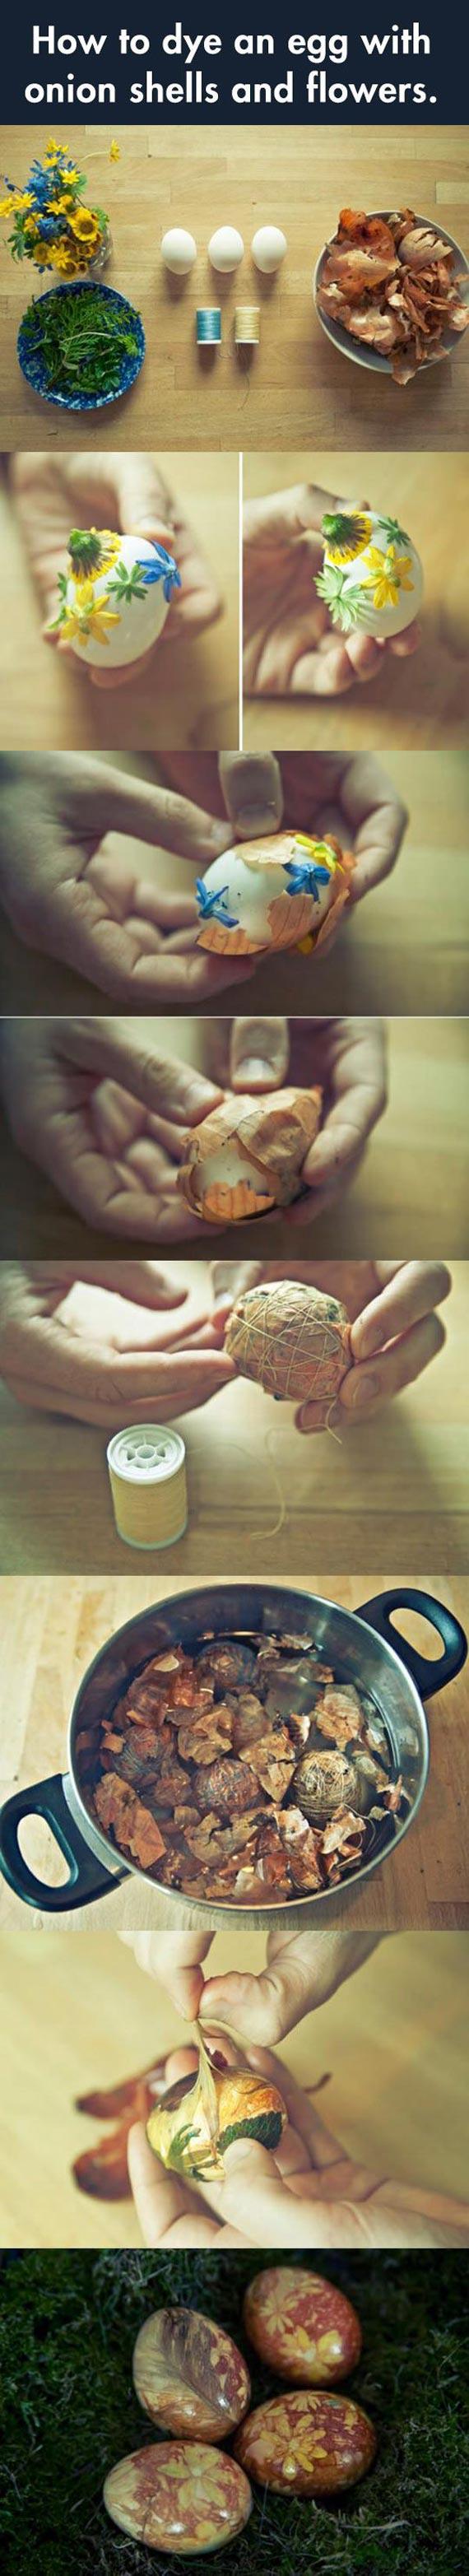 آموزش تزیین تخم مرغ سفره هفت سین, آموزش ساخت تخم مرغ برای سفره هفت سین, تزیین تخم مرغهای سفره هفت سین